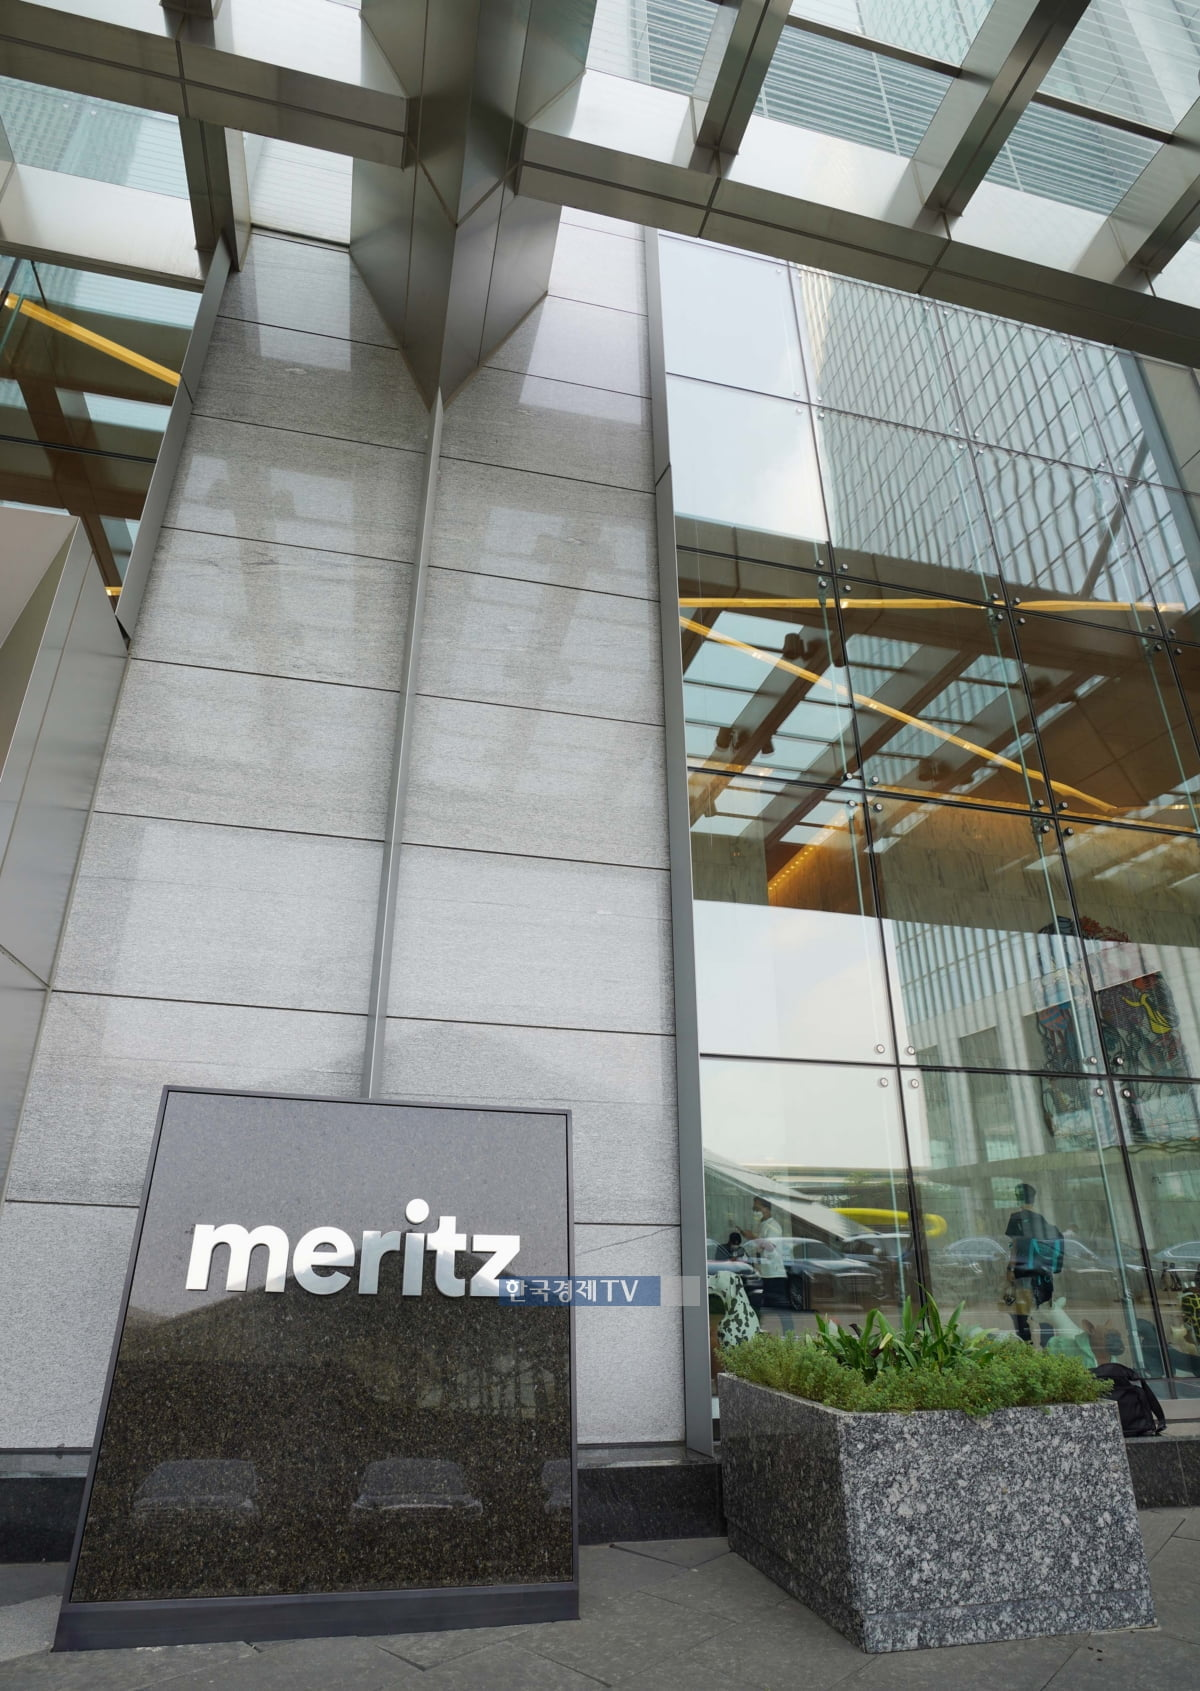 메리츠증권, 2분기 순익 1903억원…전년비 22.2%↑